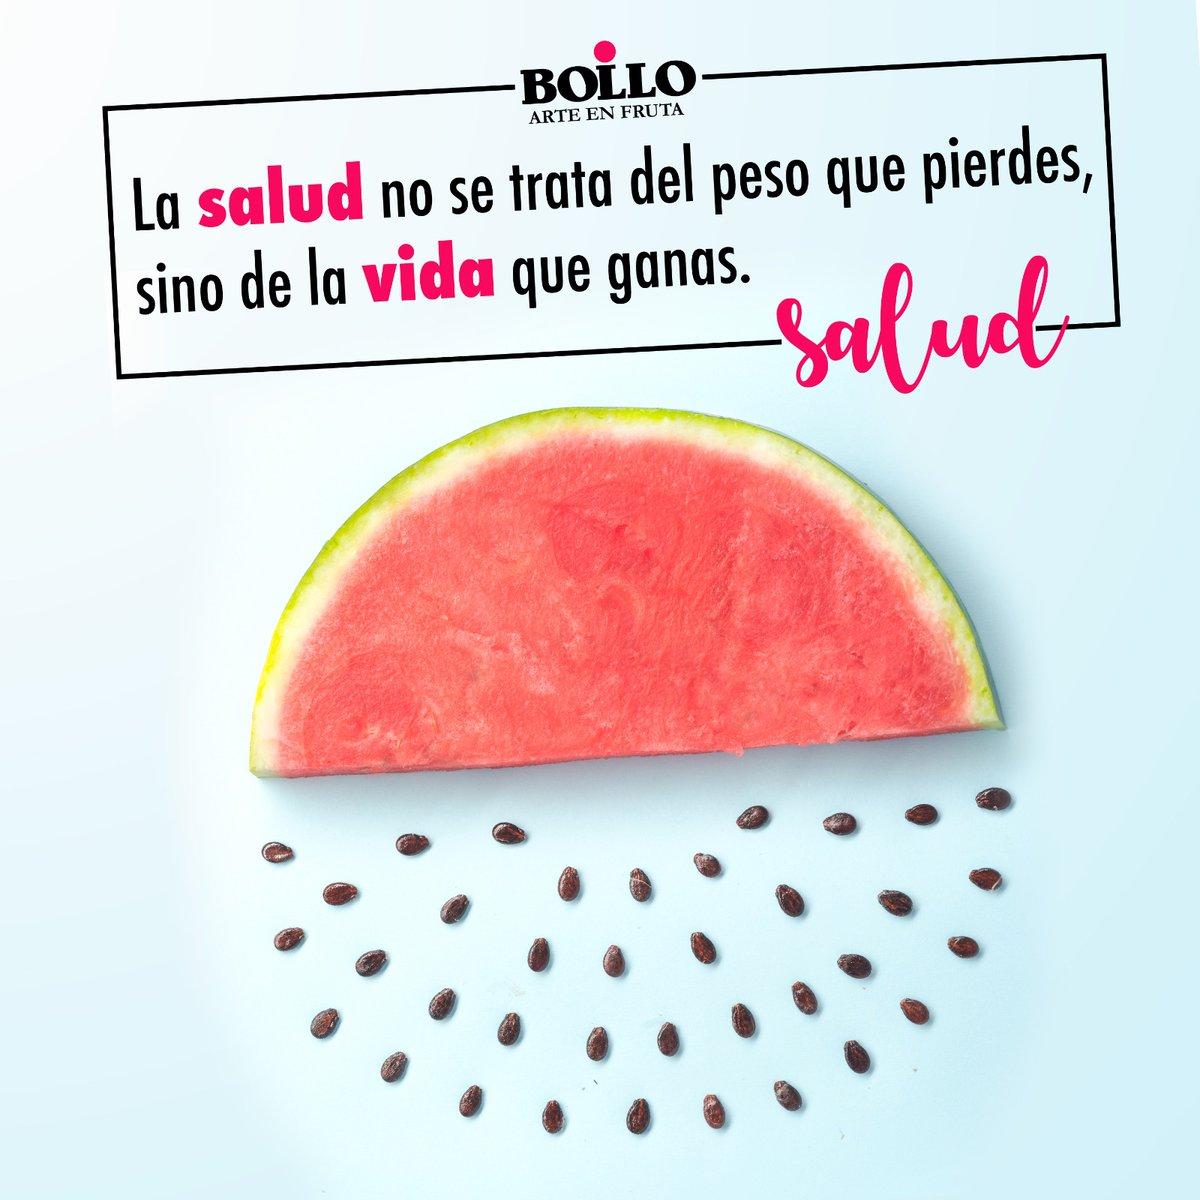 La salud no se trata del peso que pierdes, sino de la vida que ganas. #Frases #VidaSana #HealthyLife #felicidad #happiness #DietaSana #ComidaSaludable #RealFooding #ComeSano #Objetivos #Superación #Fruta #Fruits #Frutas #ComidaSaludable #BuenosHabitos #HabitosSaludablespic.twitter.com/I3cDy0tXAE